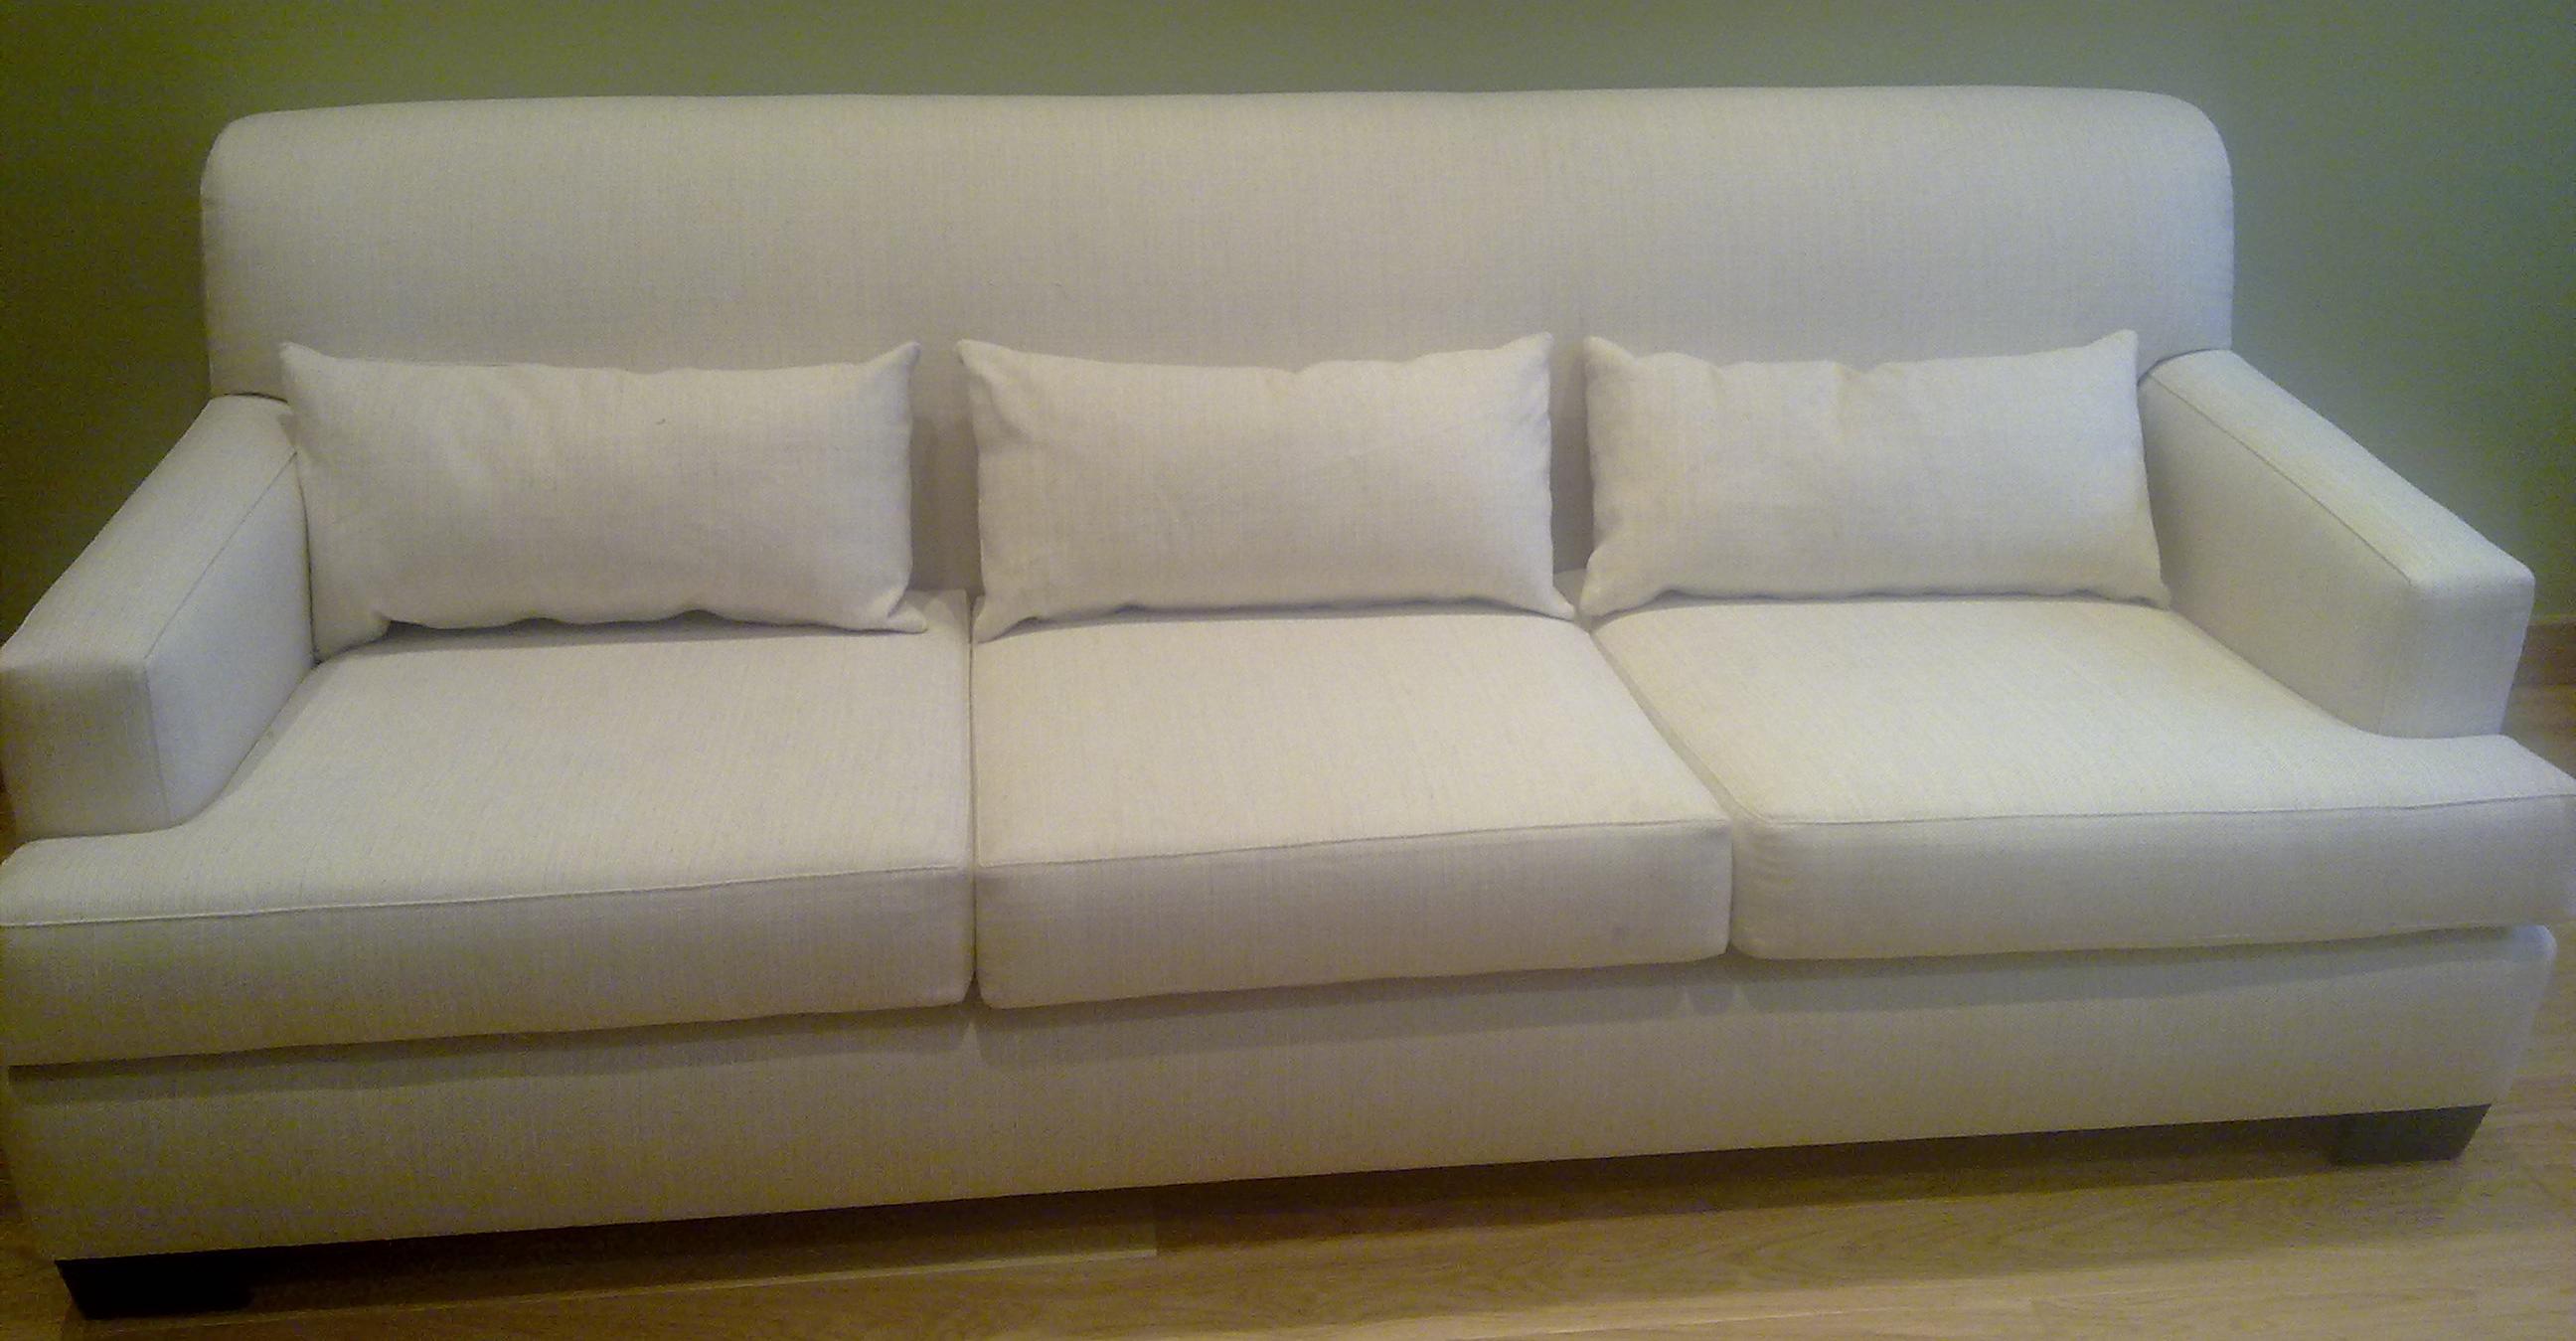 Limpieza de sofás: Servicios de Limpiezas Alfama, S.L.